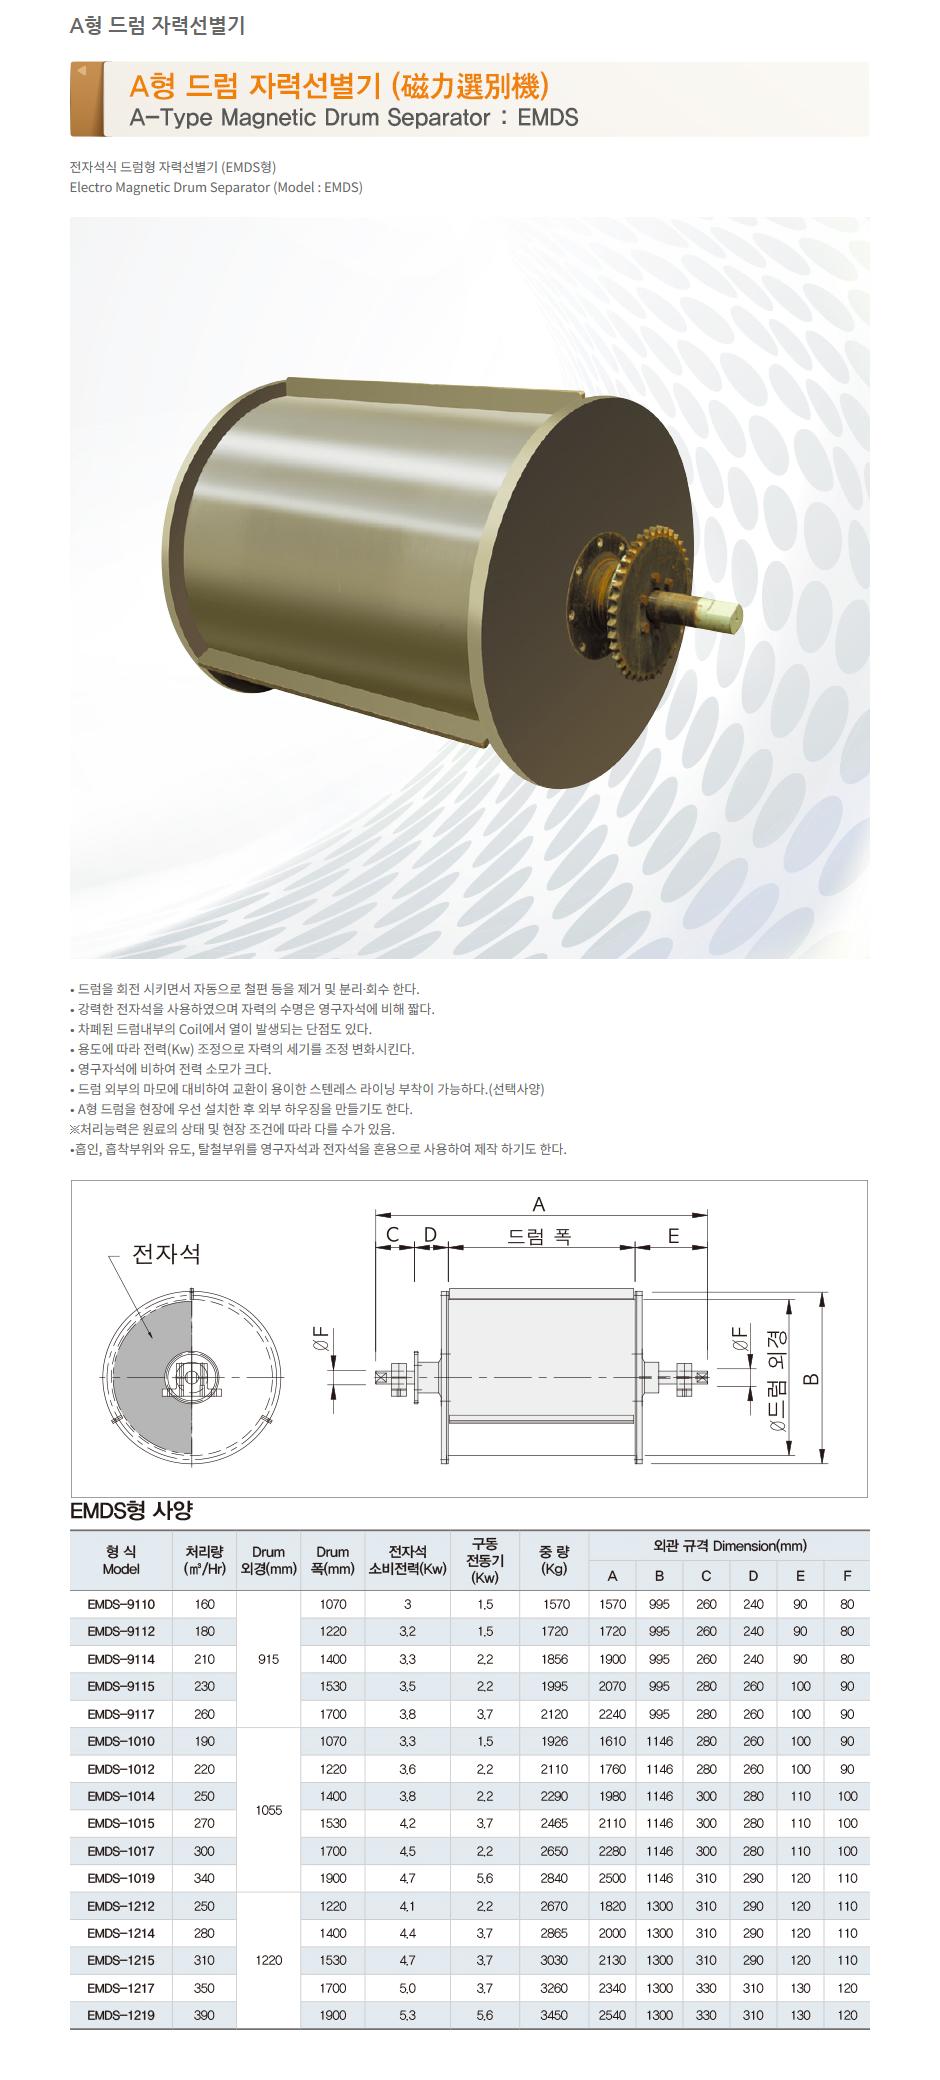 (주)대보마그네틱 A형 드럼 자력선별기 EMDS